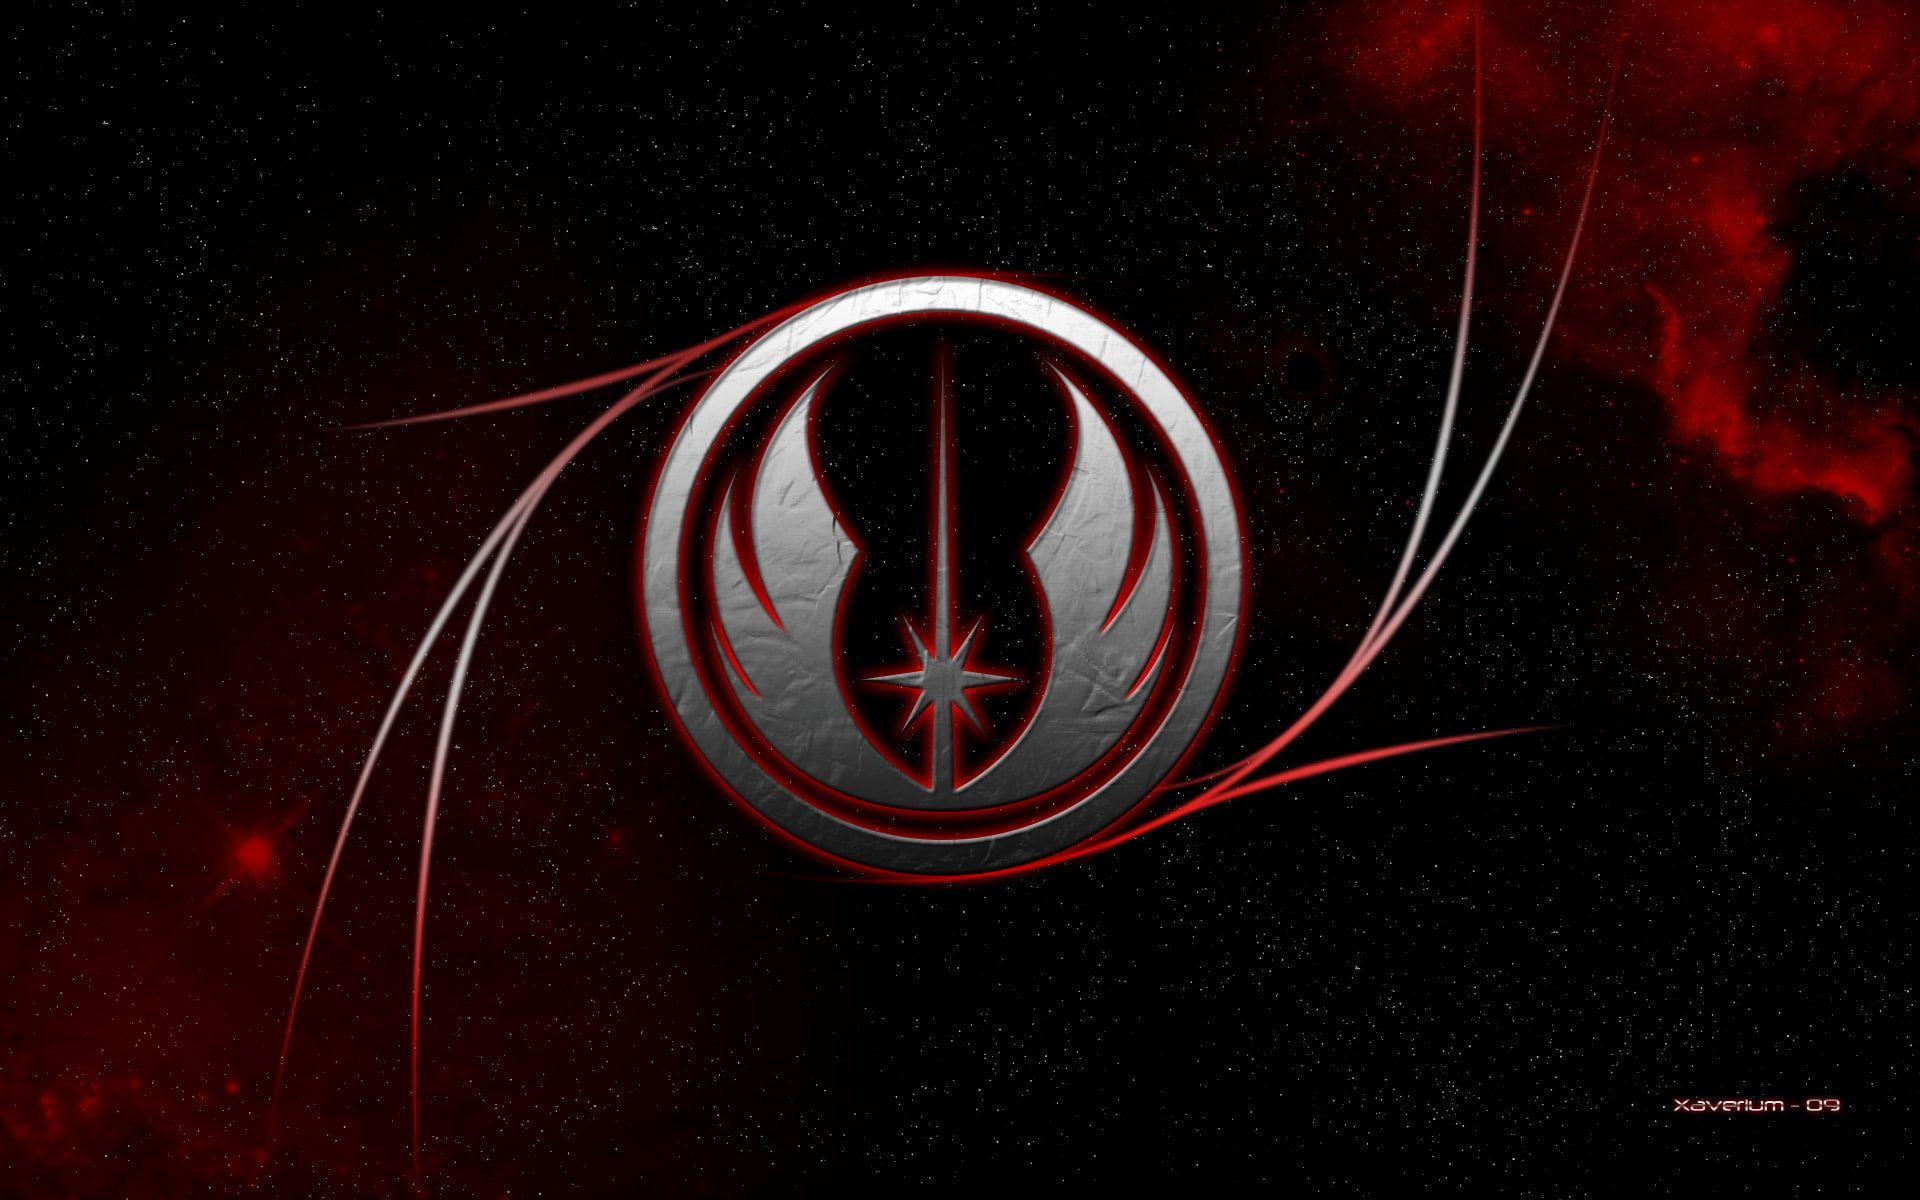 Escudo Jedi Orden Jedi Entertainment Movies Hd Art Star Wars Jedi Escudo 1080p Wallpaper H In 2021 Star Wars Background Iphone Wallpaper Stars Star Wars Painting